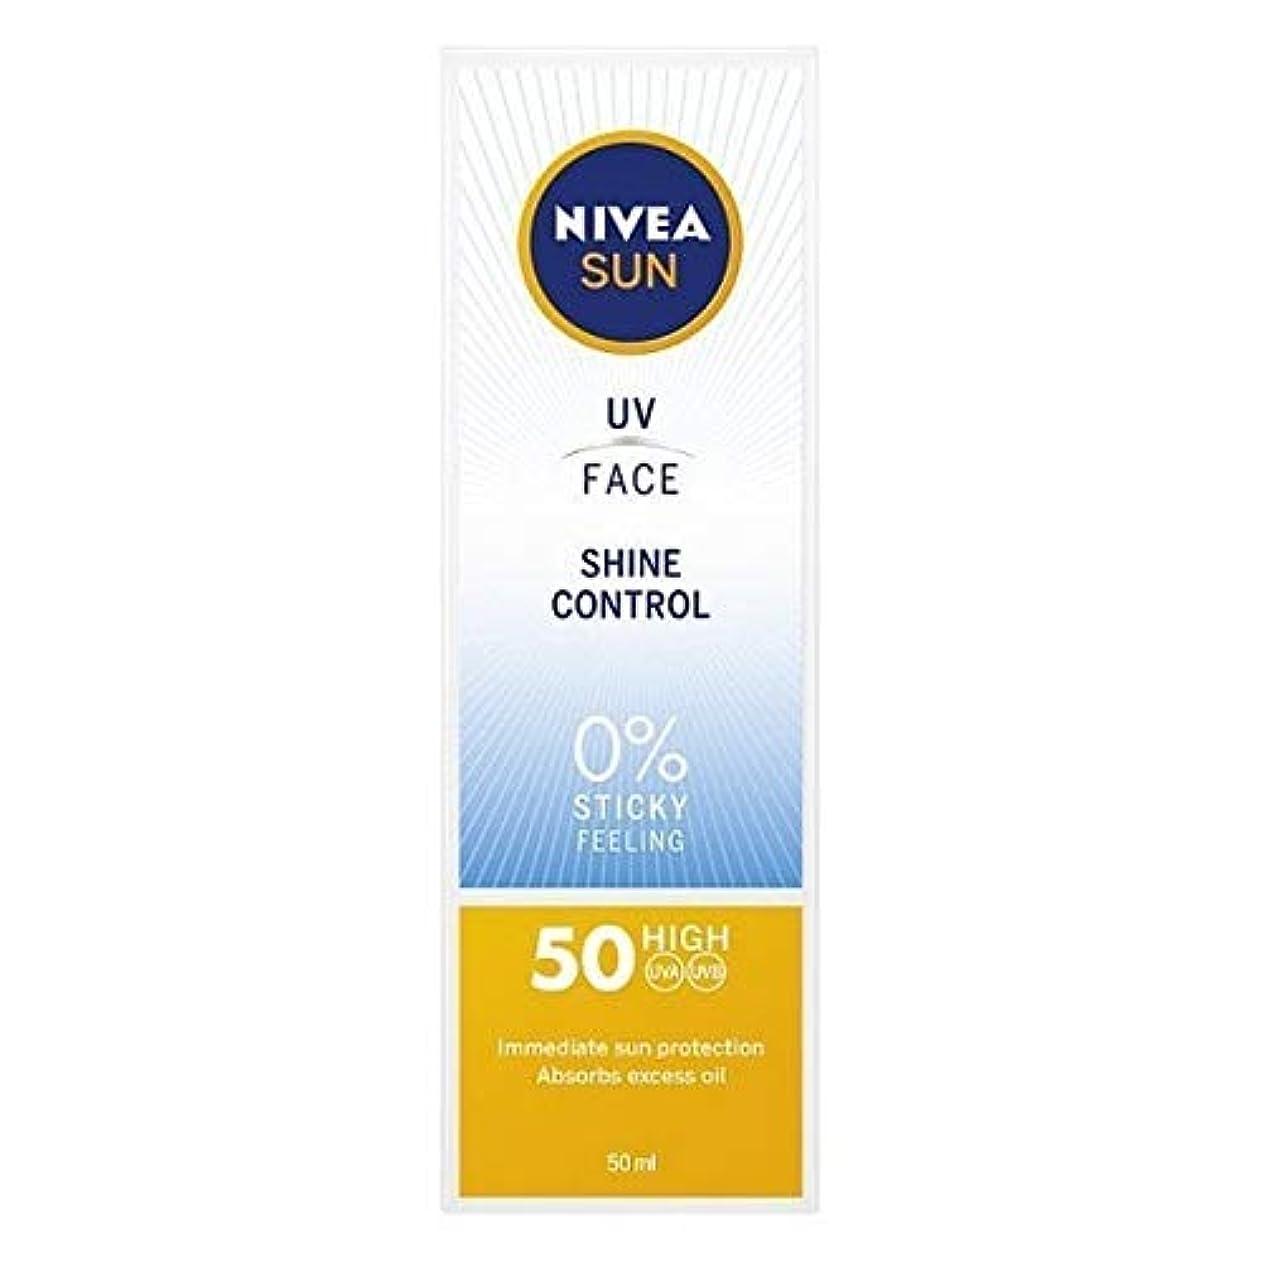 アンティークピボット取り戻す[Nivea ] ニベアサンUv顔日焼け止めクリームのSpf 50、輝き制御、50ミリリットル - NIVEA SUN UV Face Suncream SPF 50, Shine Control, 50ml [並行輸入品]